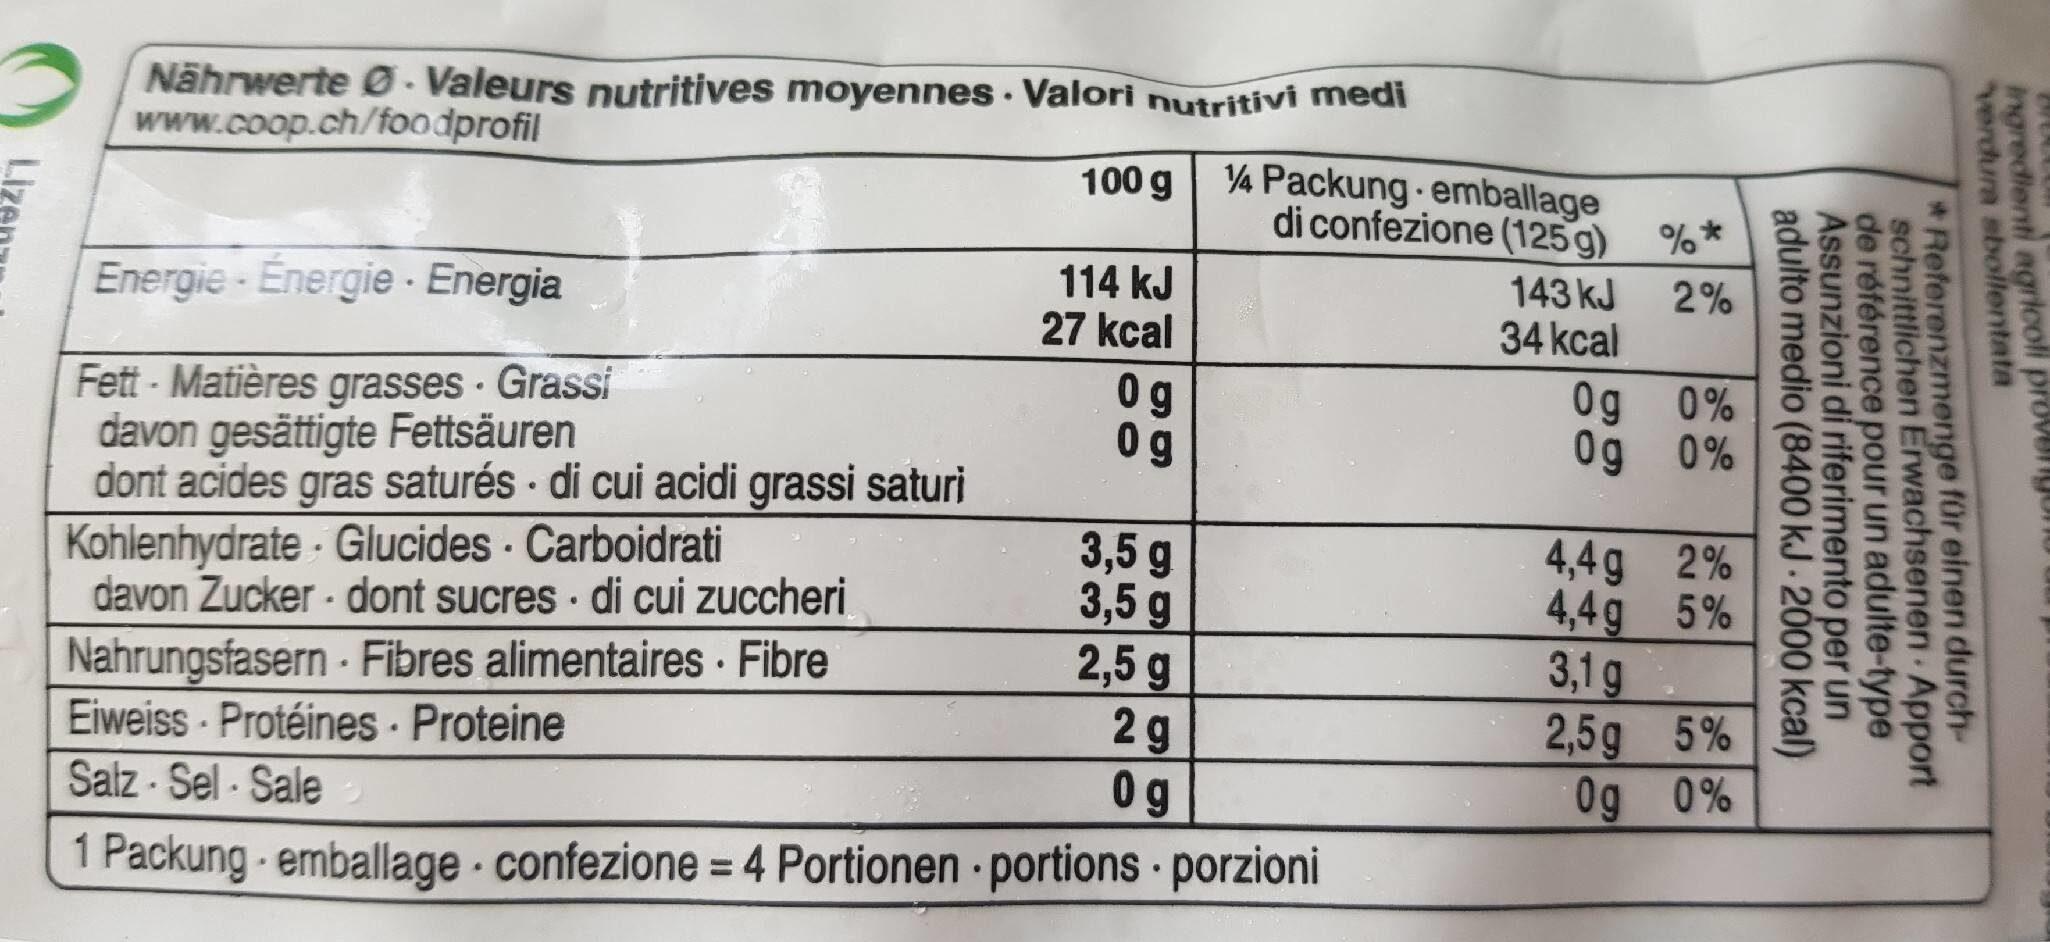 Jardinière de légumes suisses - Informazioni nutrizionali - en